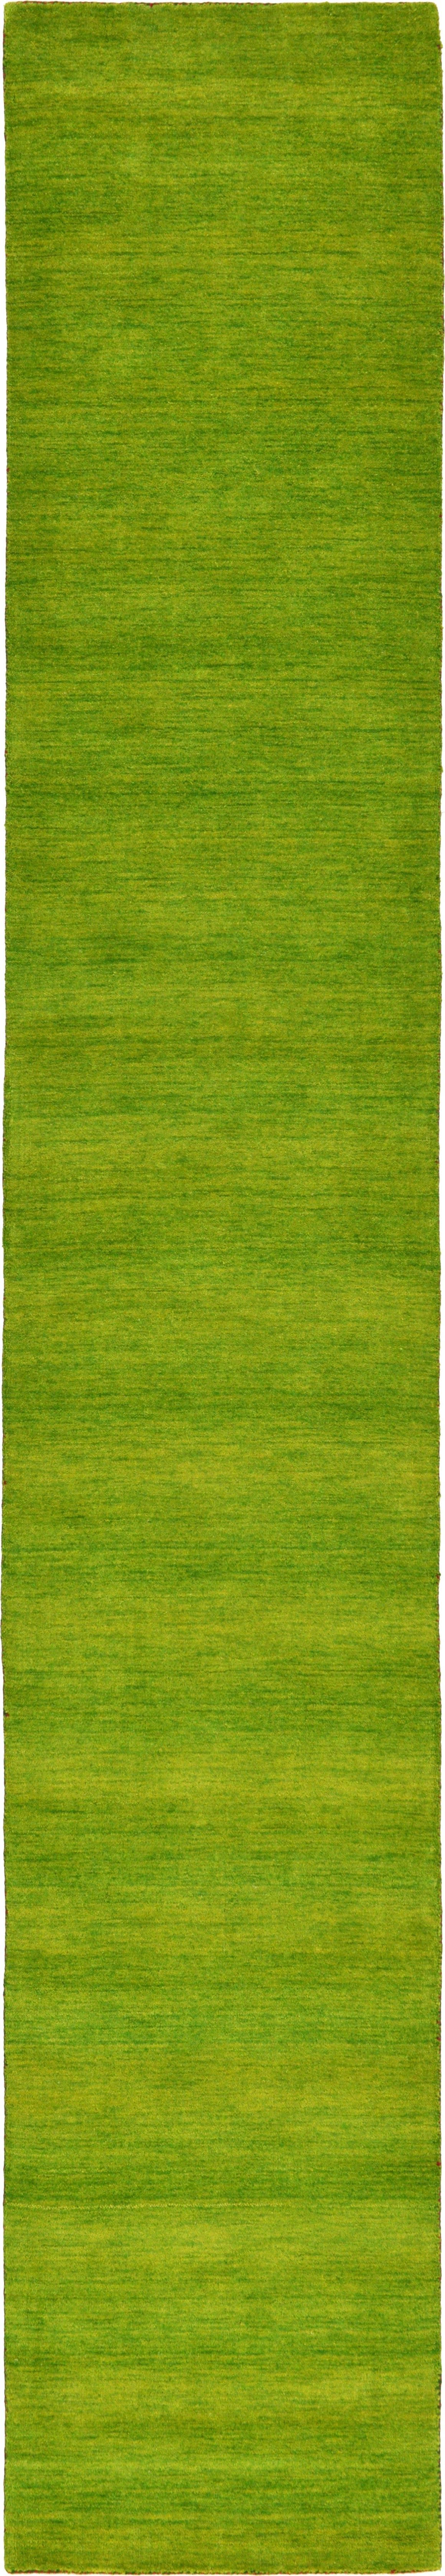 Green 2 7 X 16 5 Solid Gabbeh Runner Rug Rugs Com Gabbeh Rug Runner Rugs